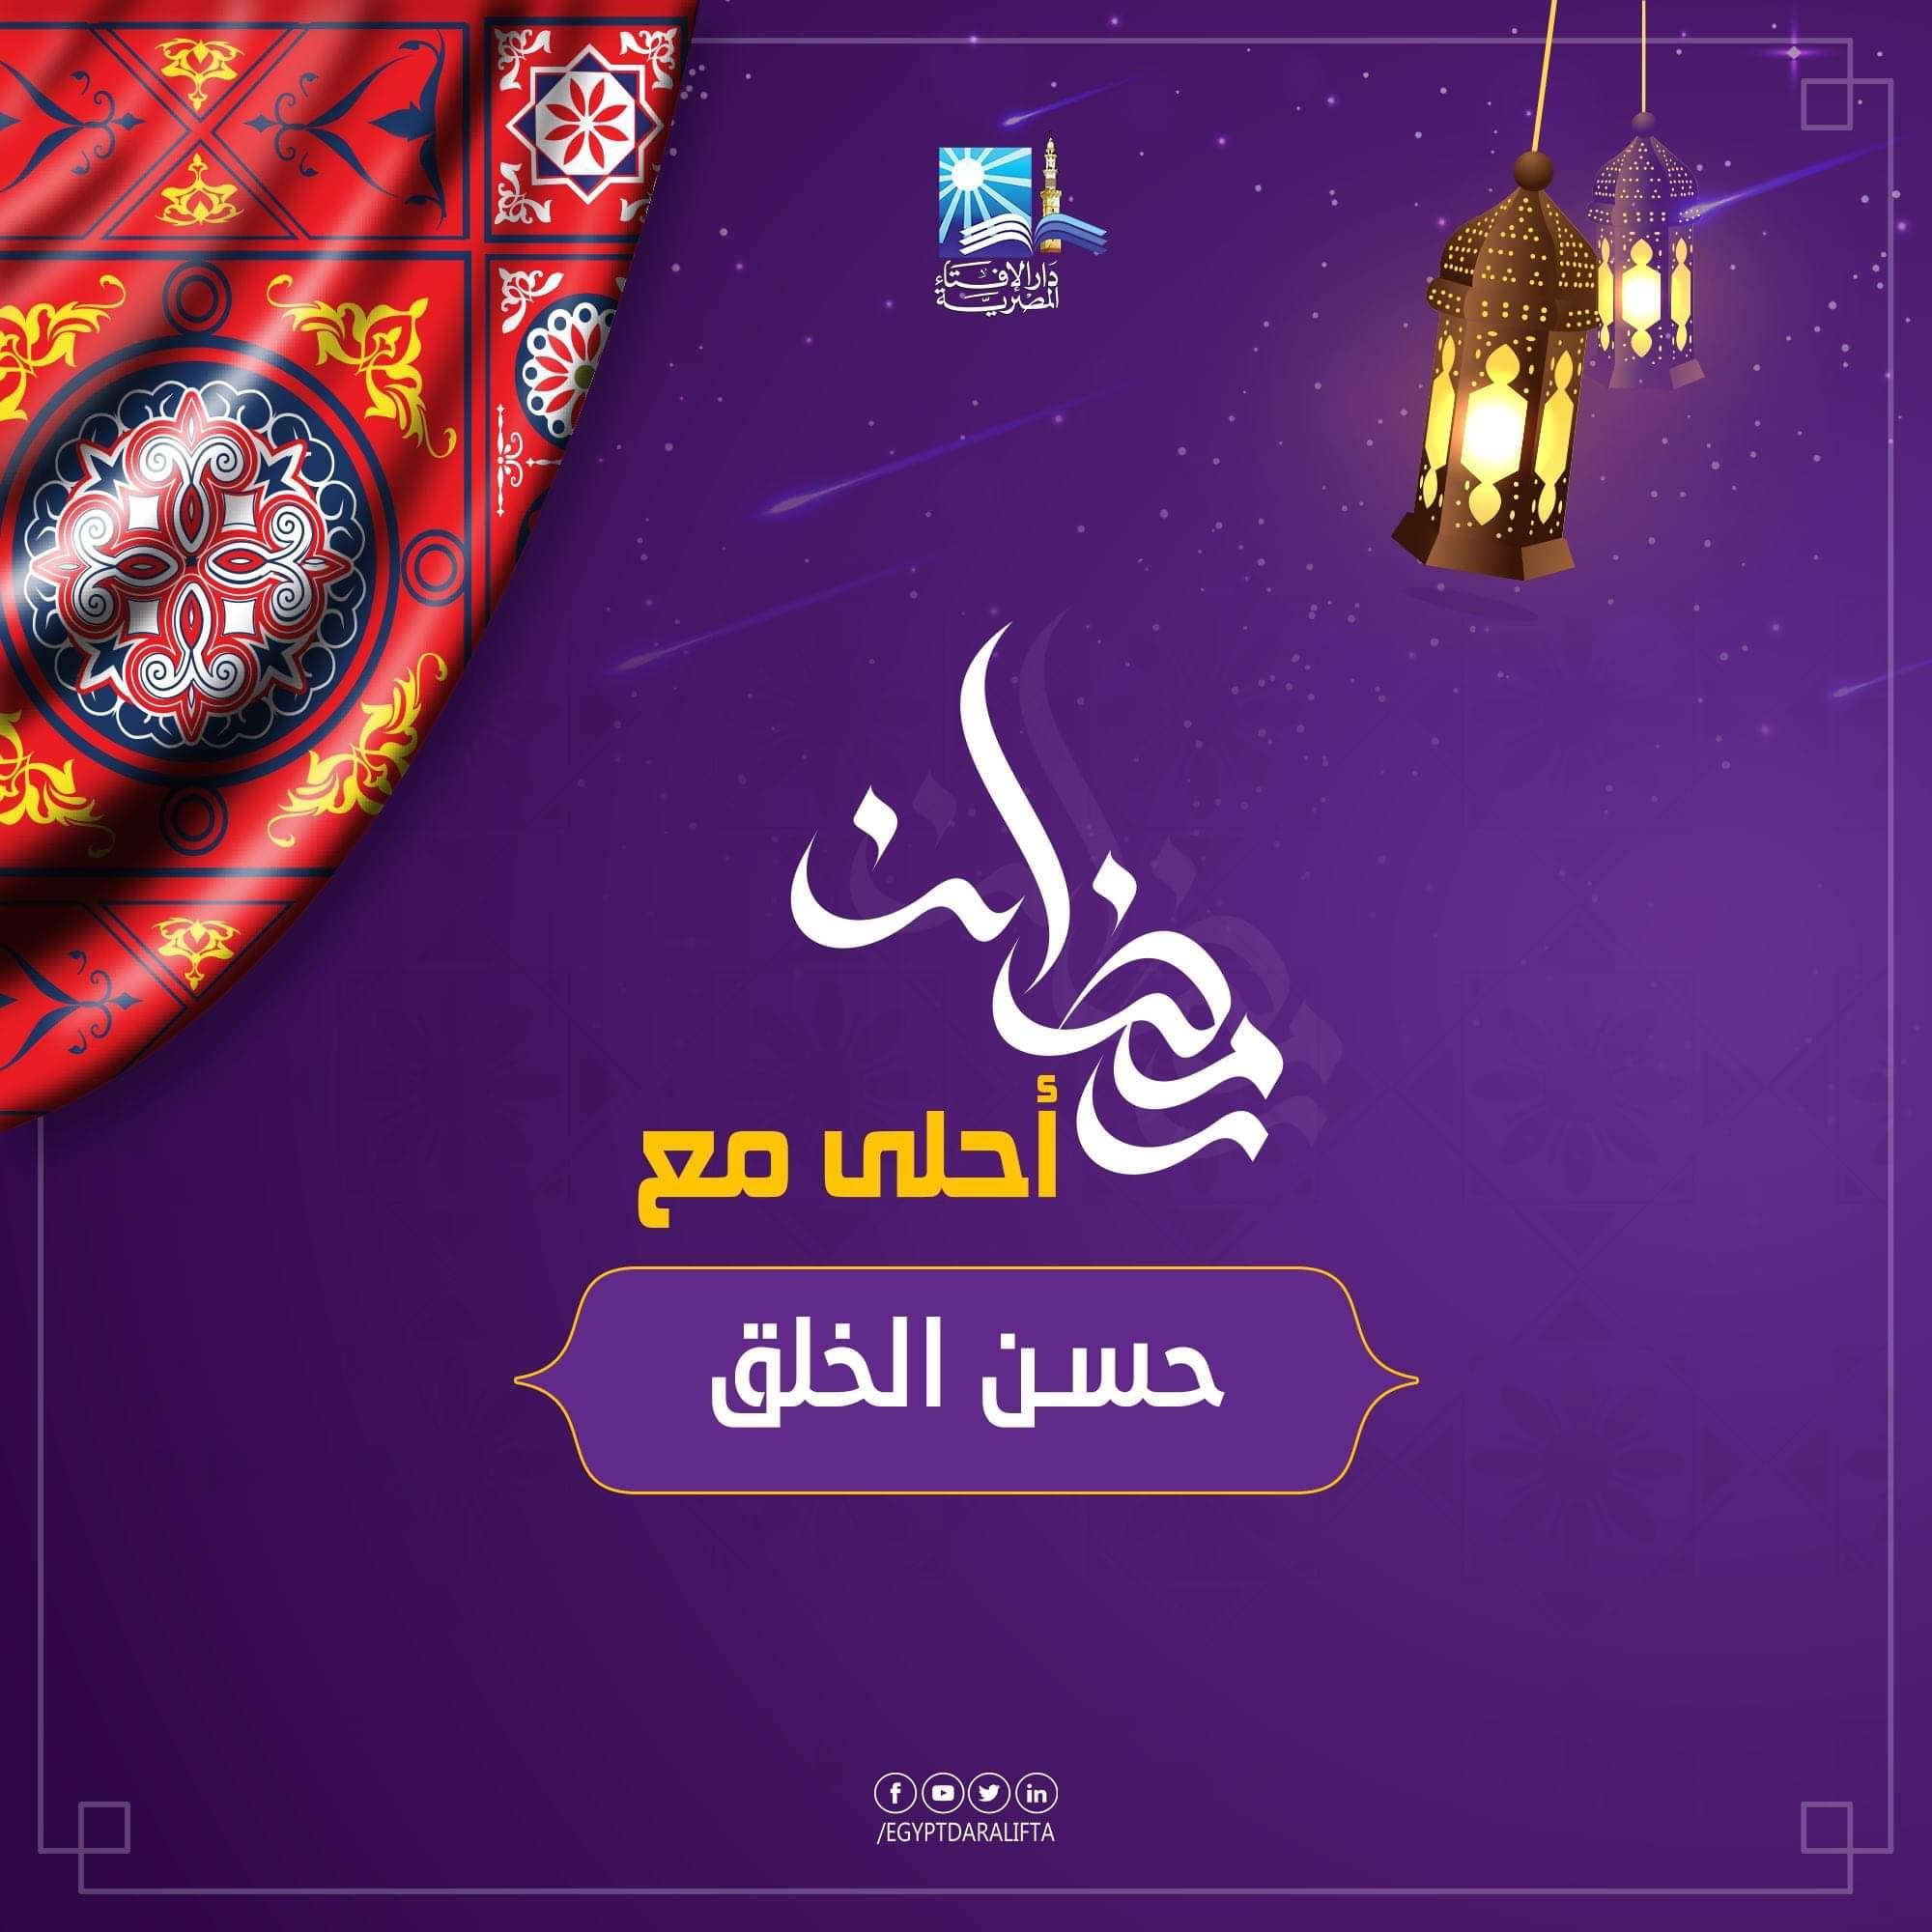 صور رمضان أحلى مع هدية الإفتاء لمتابعيها قبل شهر الصيام بوابة أخبار اليوم الإلكترونية